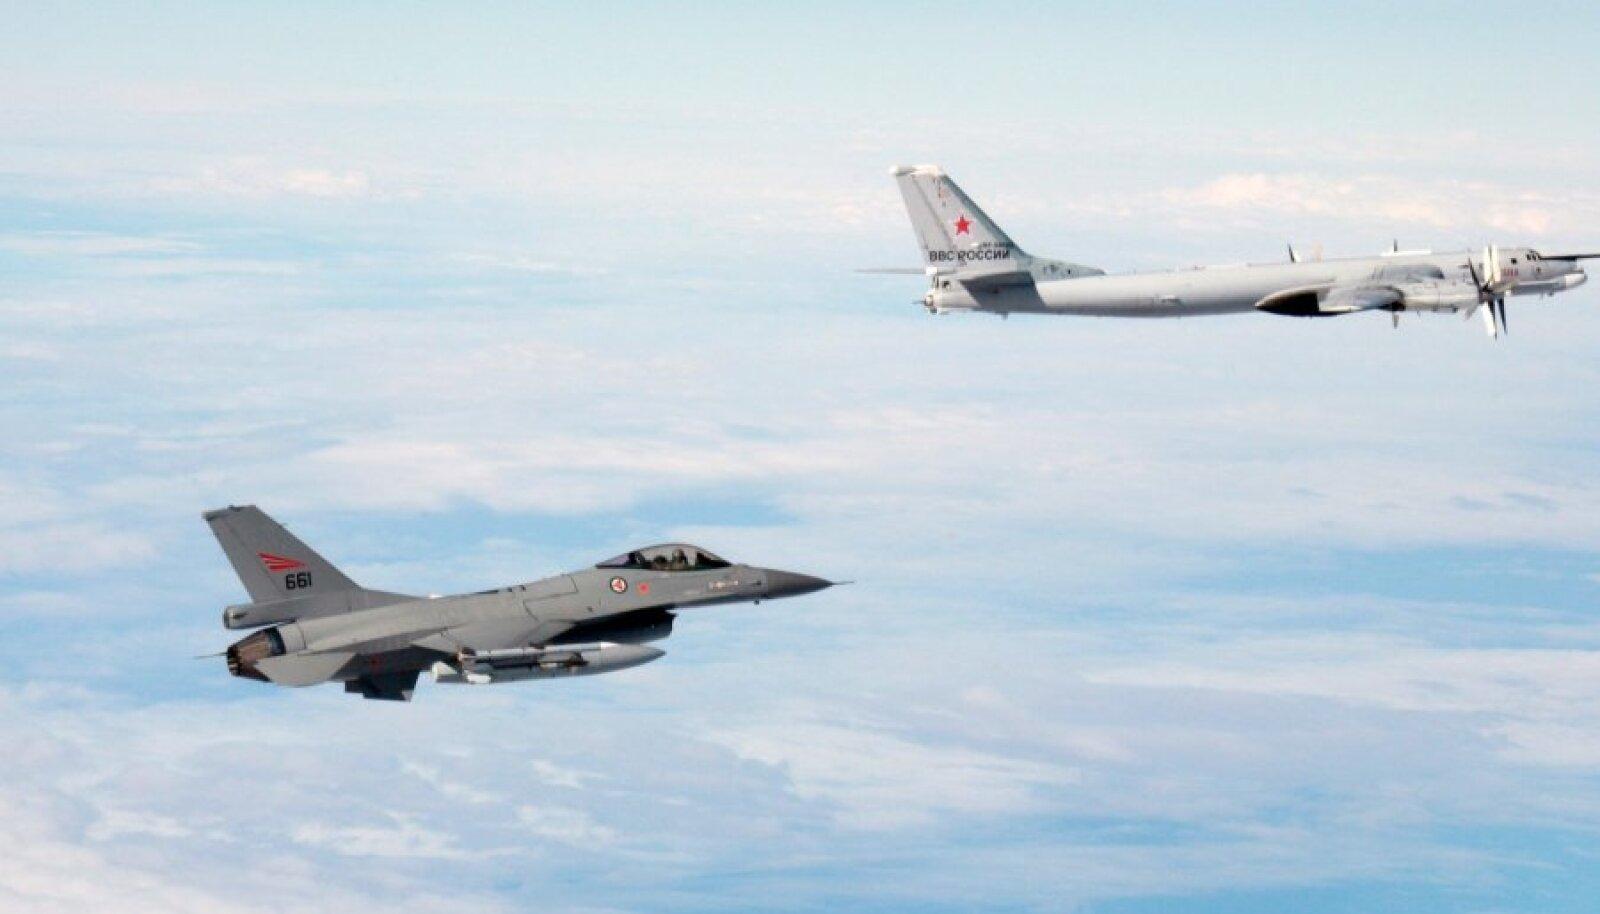 Истребитель ВВС Норвегии F-16 сопровождает российский стратегический бомбардировщик Ту-95